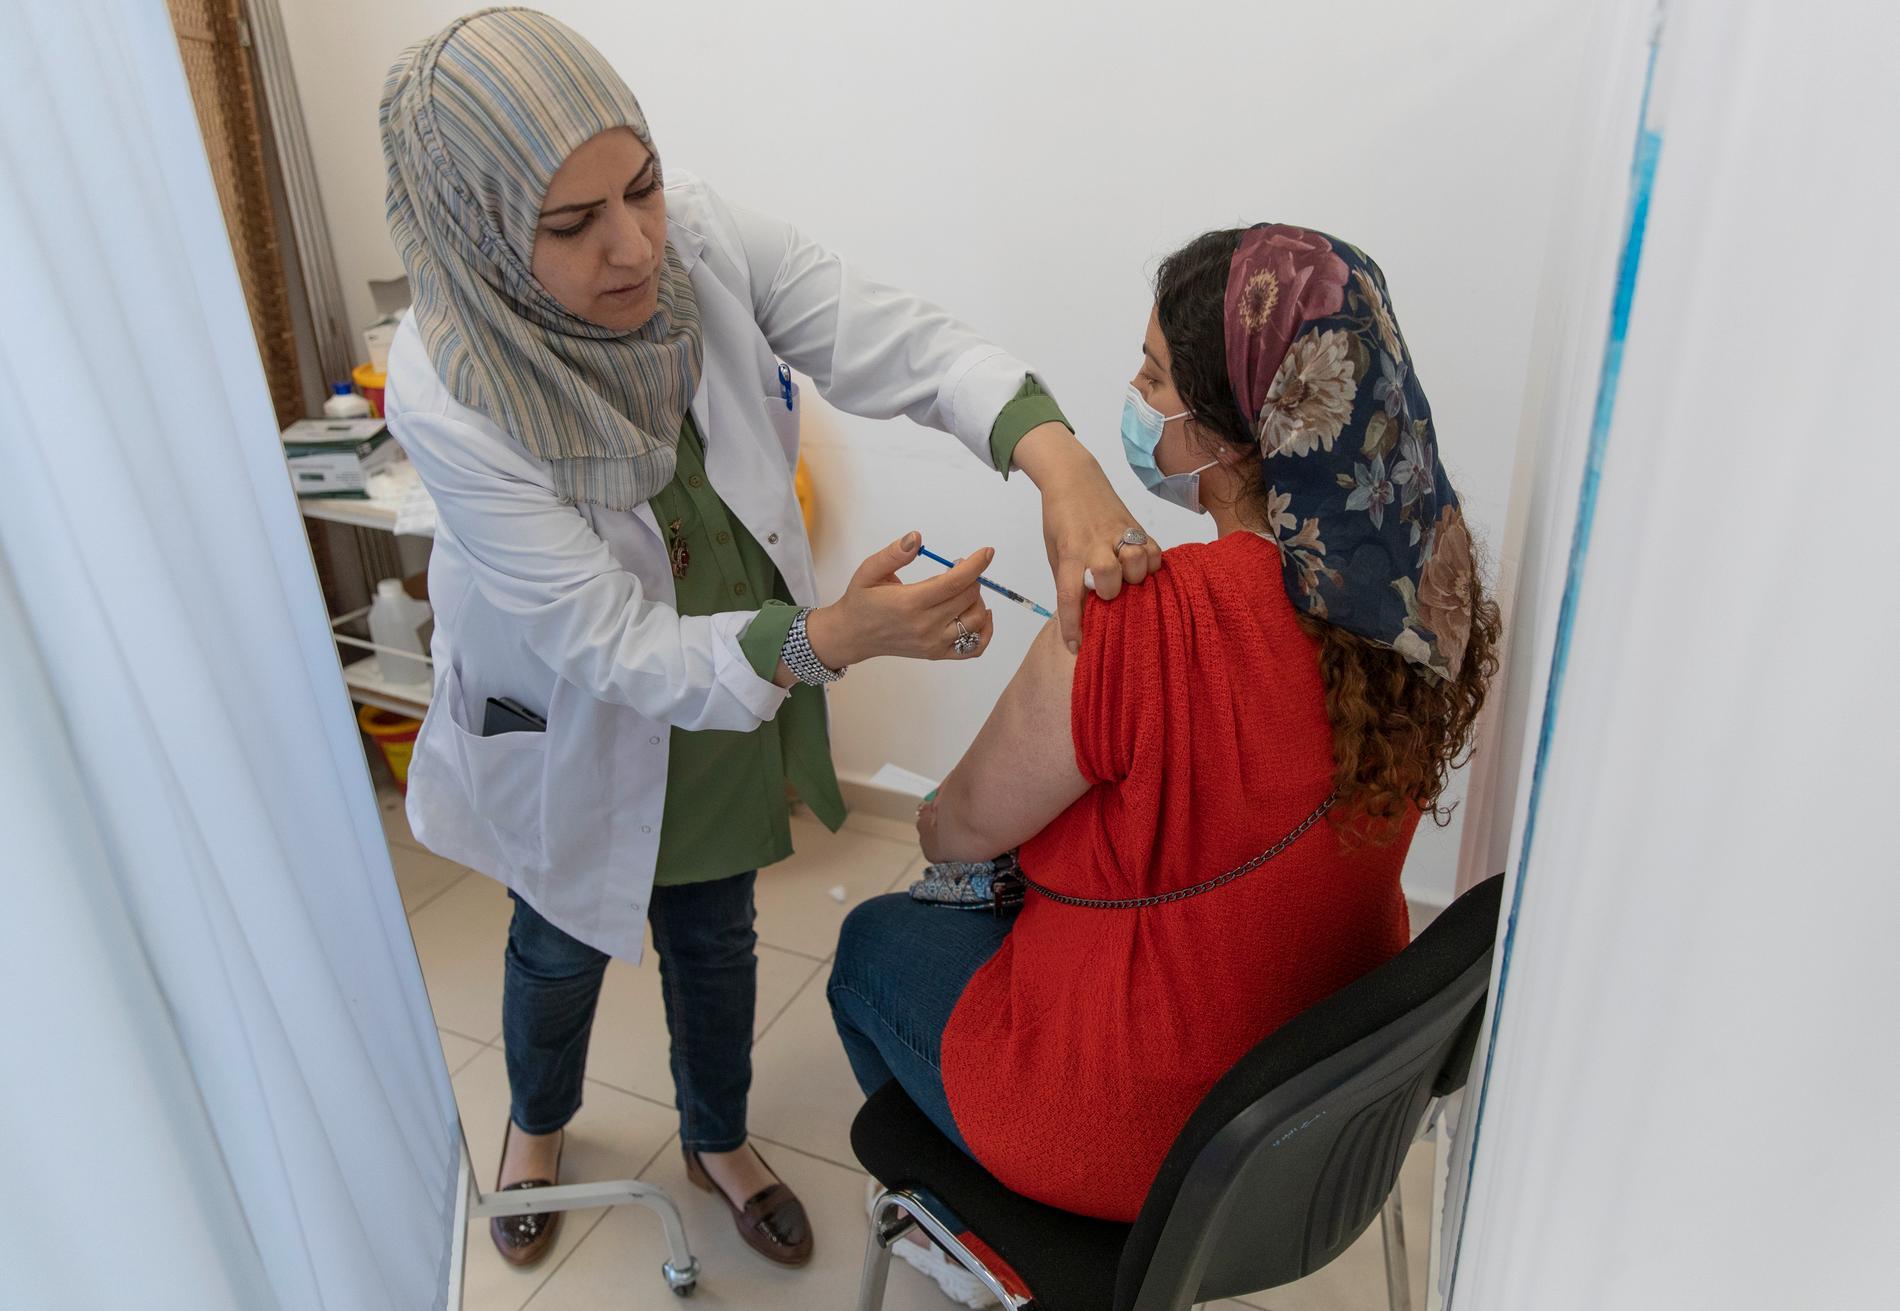 Sköterska i Ramallah på Västbanken vaccinerar en kvinna i början av juni.